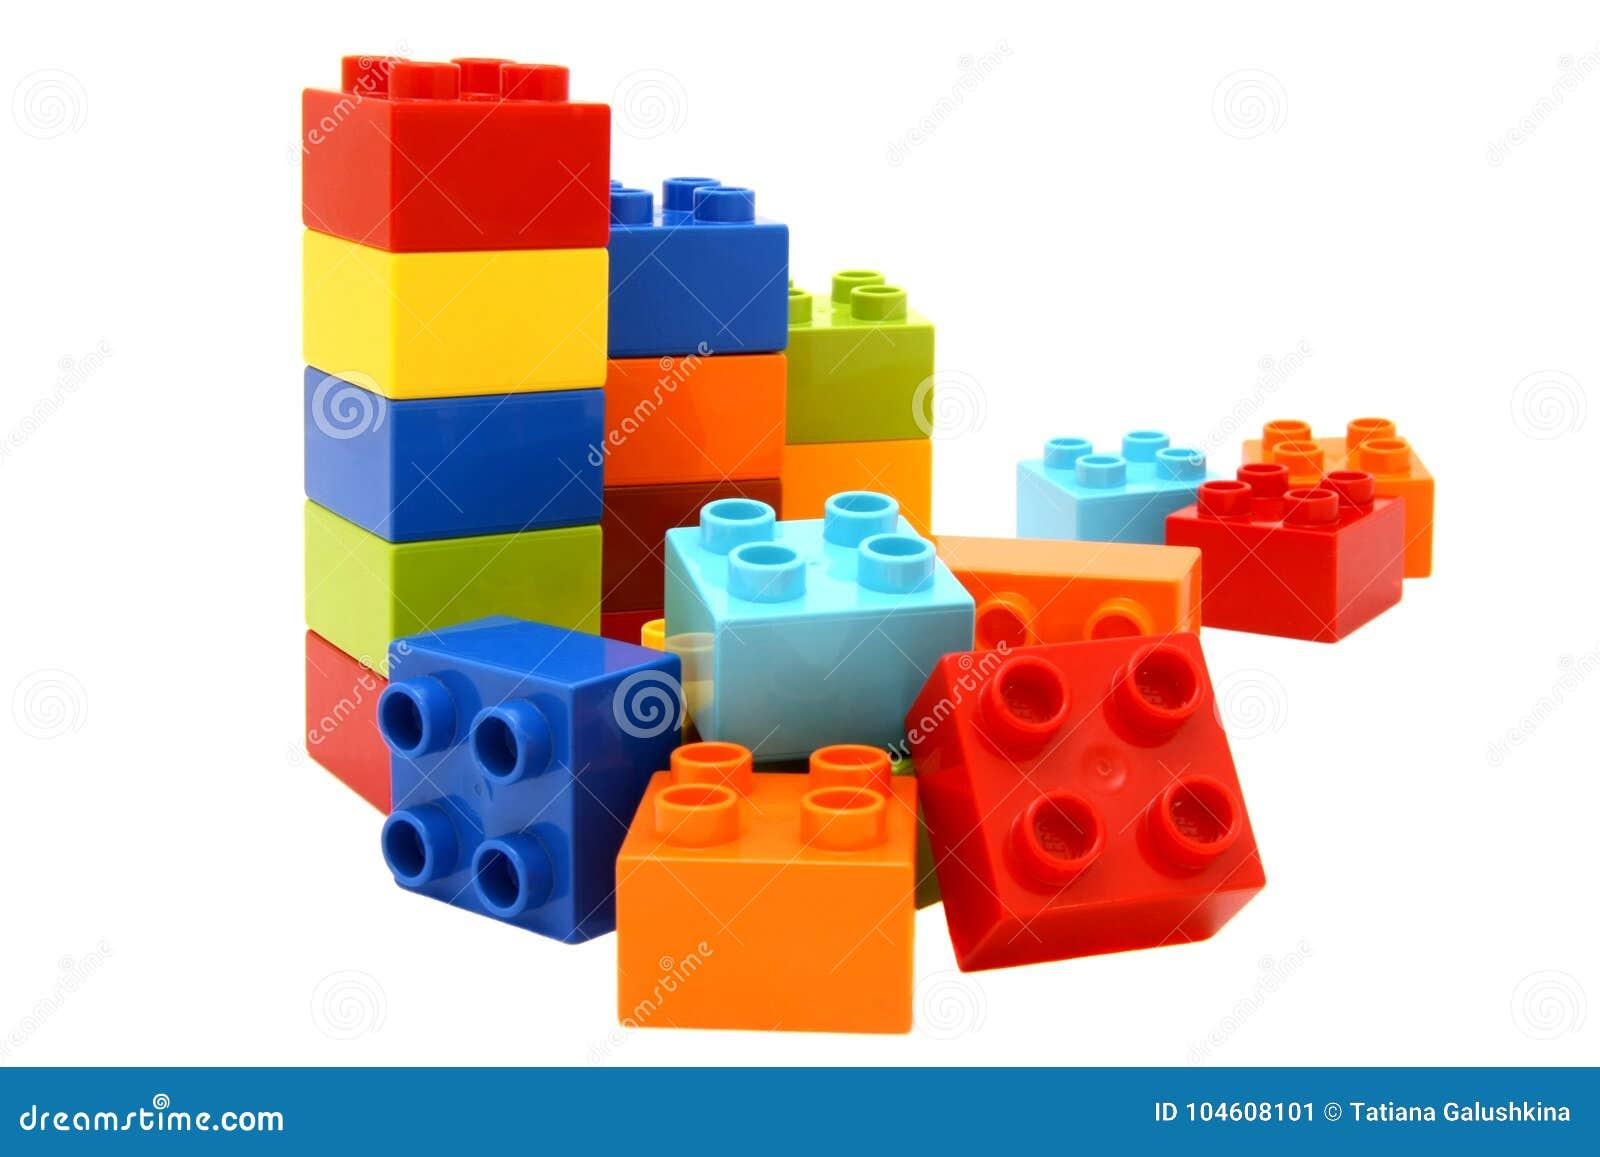 bunte lego bausteine stockbild. bild von orange, viele - 104608101